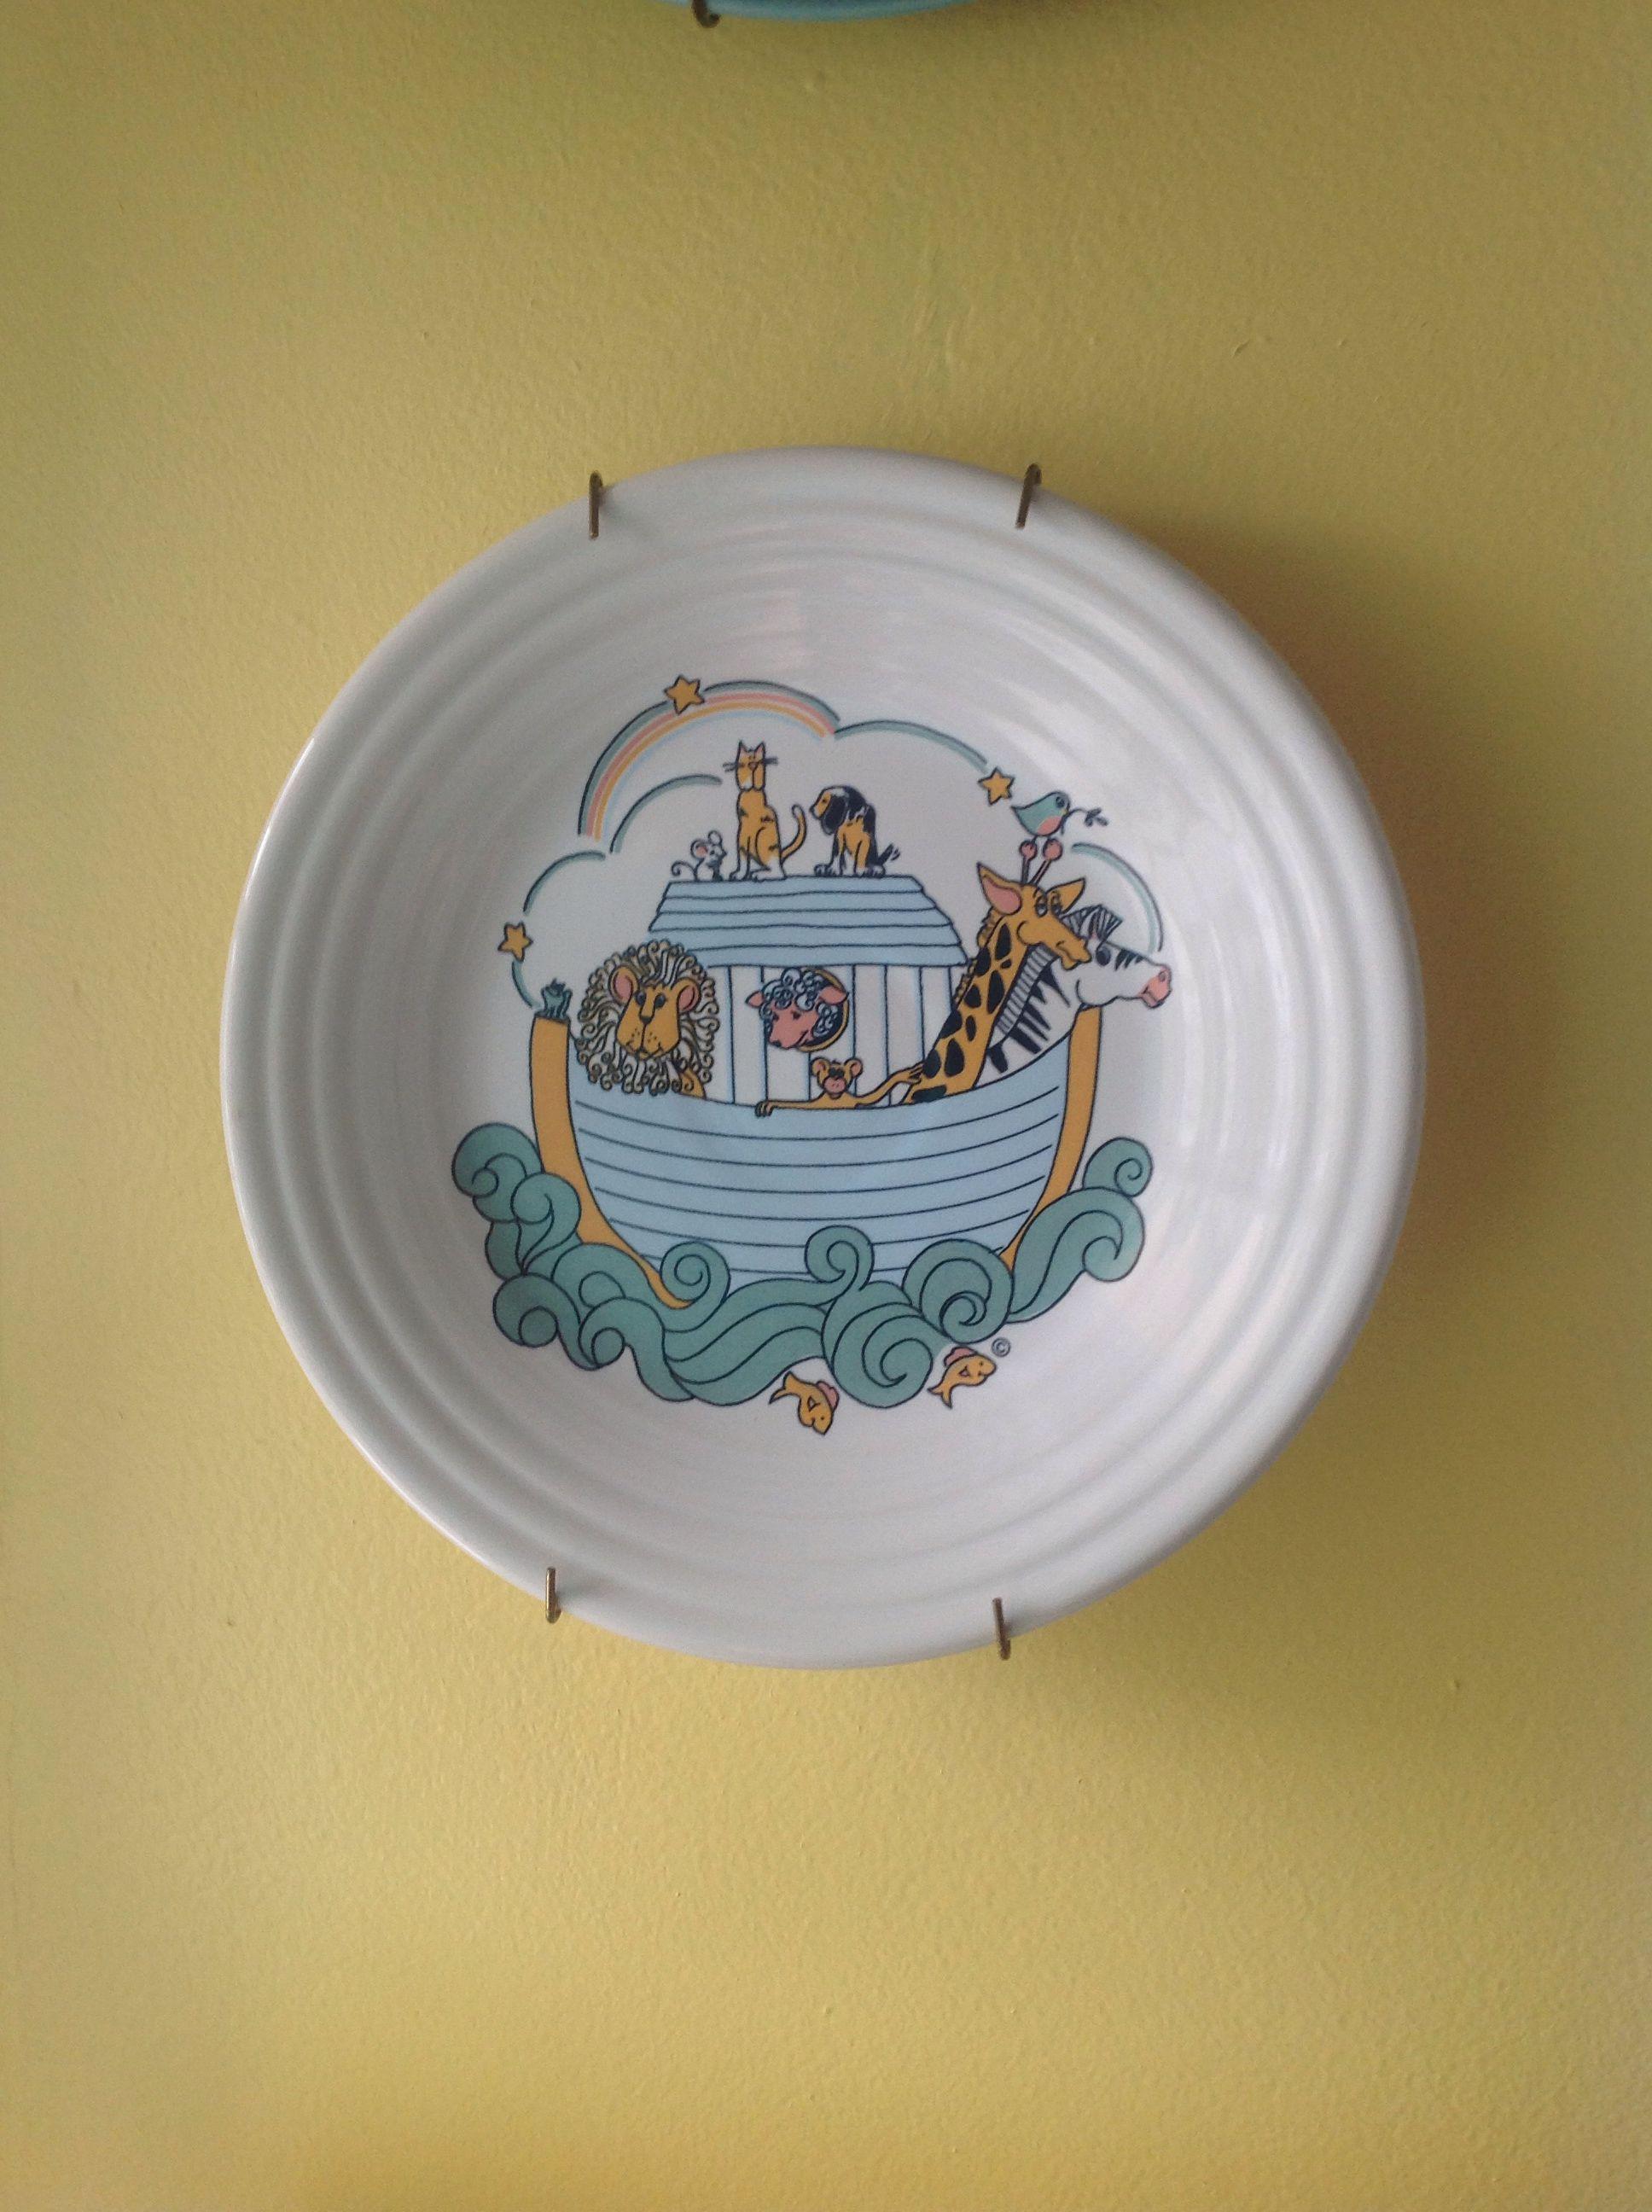 Noah's Ark on a Fiesta Ware Plate.